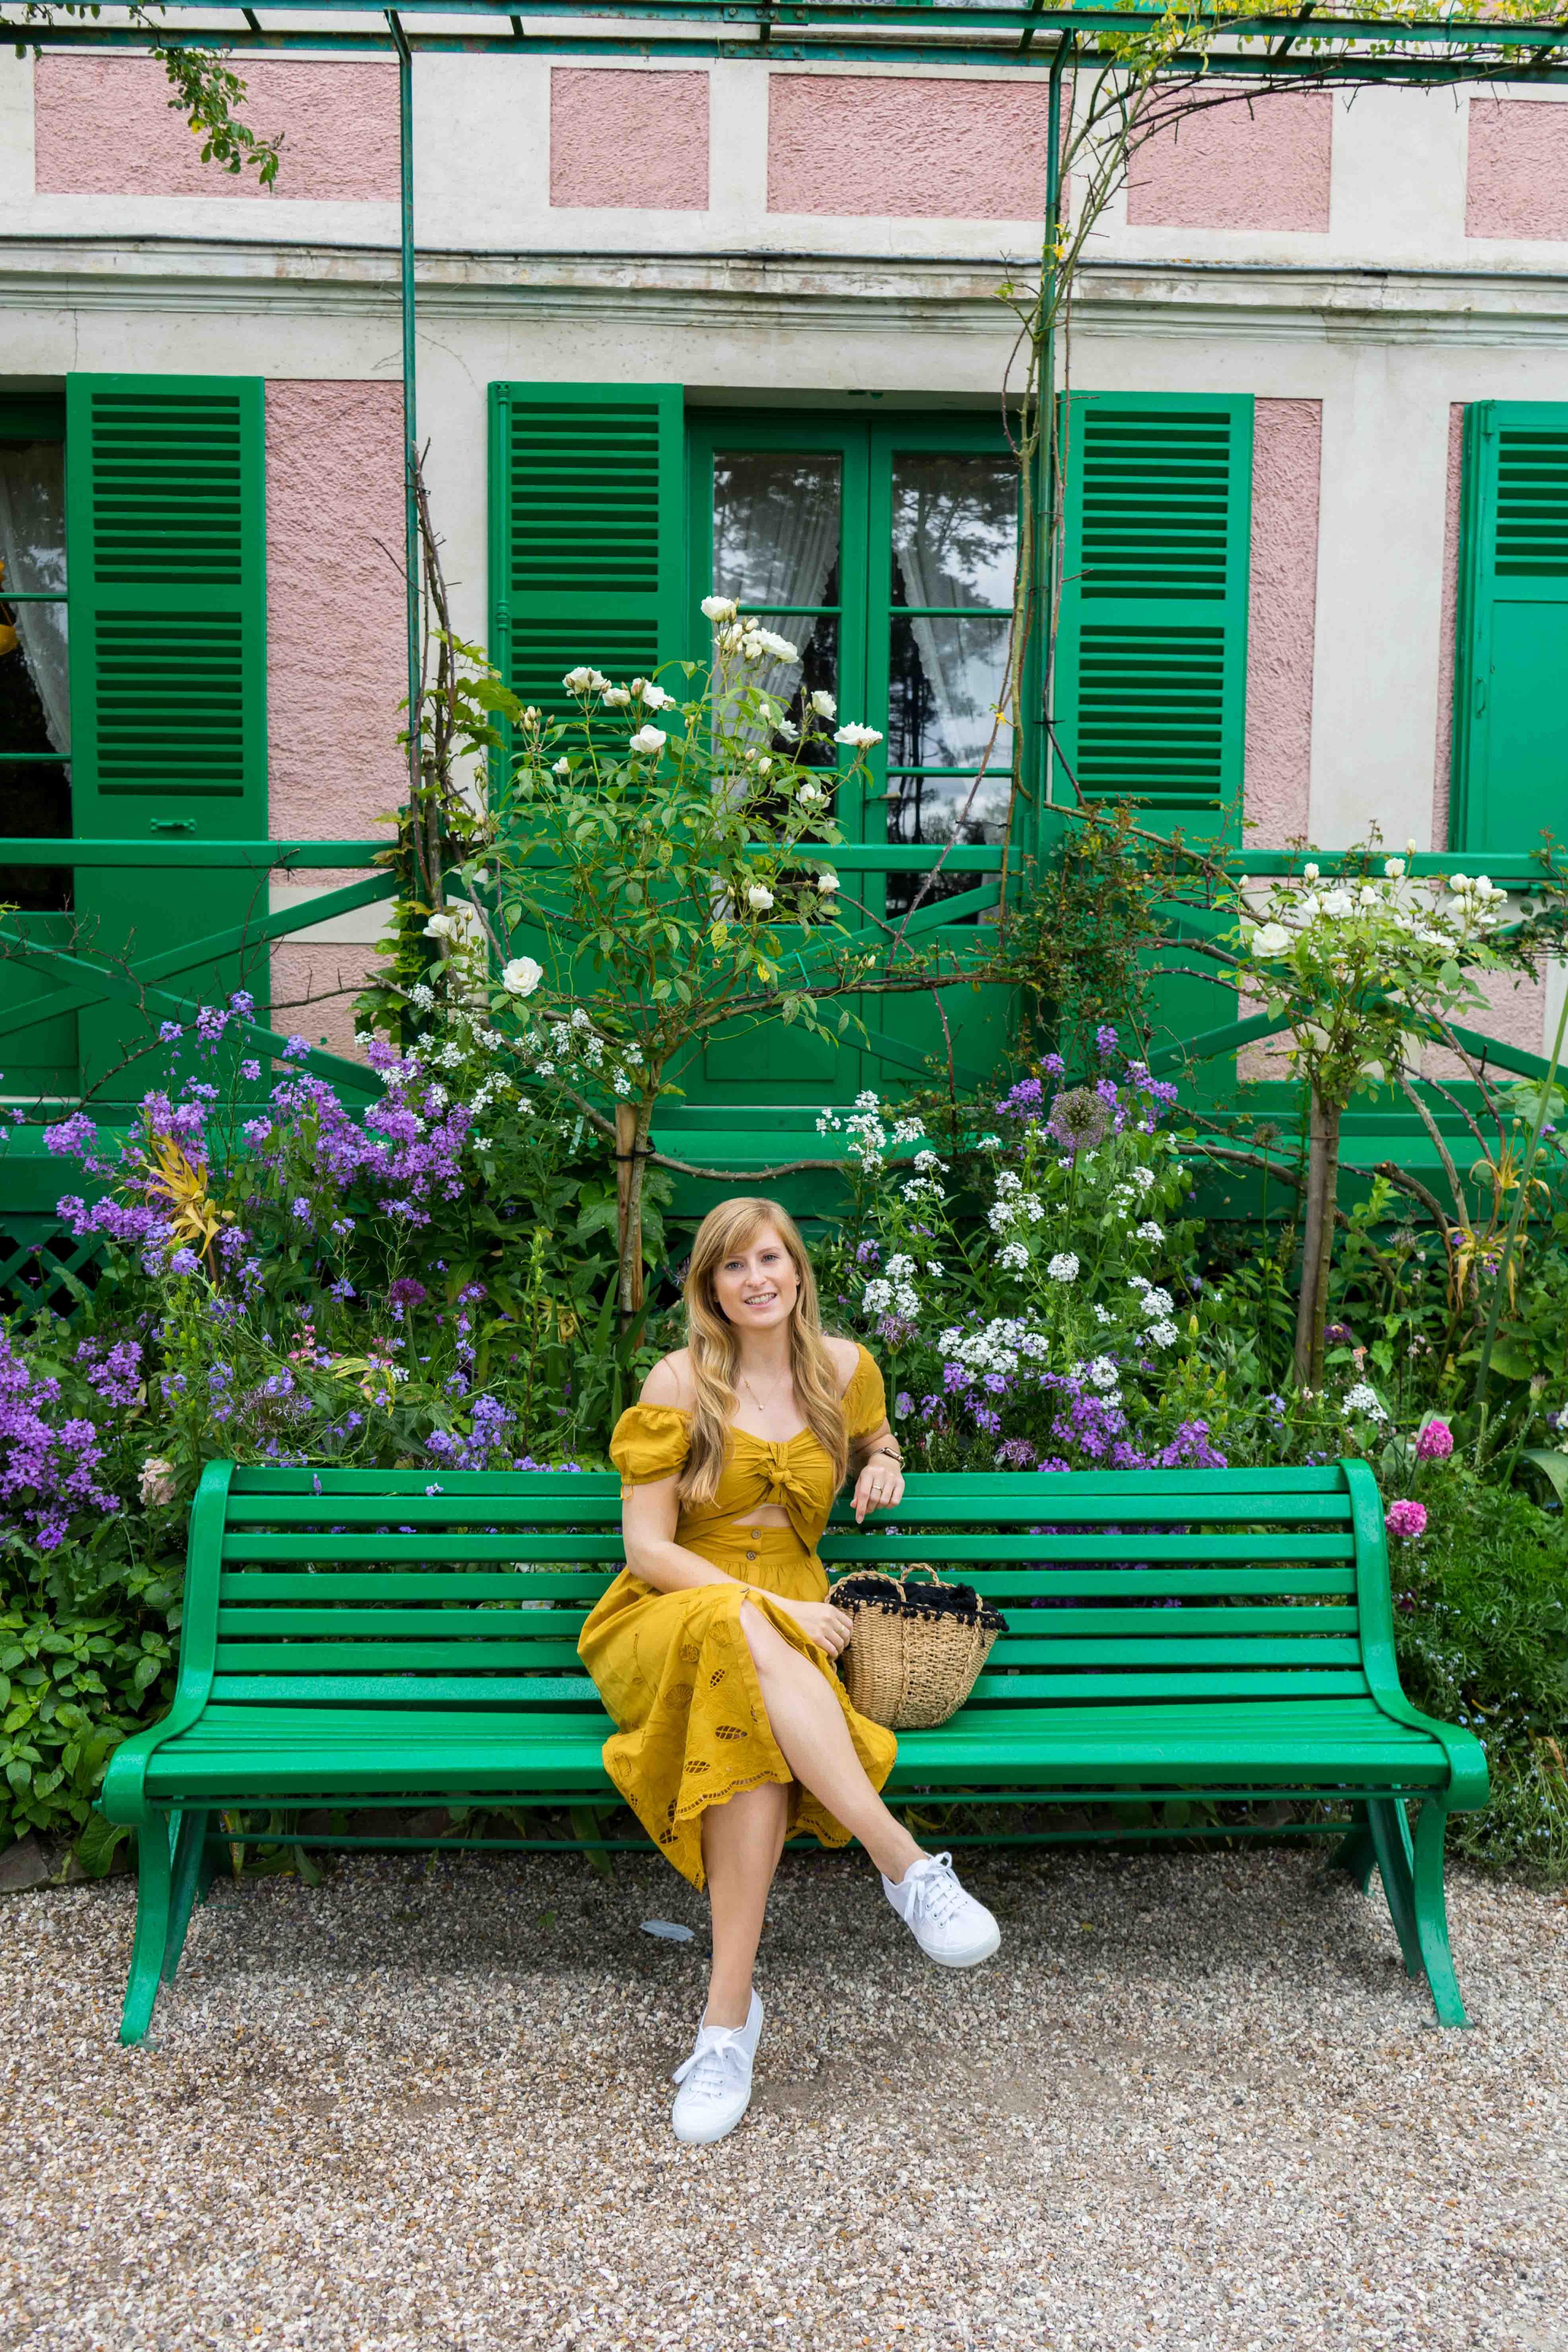 Monets Garten Givenchy Brinisfashionbook Monet Normandie Rundreise beste Reiseroute Seine Flusskreuzfahrt AROSA Sehenswürdigkeiten Sightseeing Reiseblog